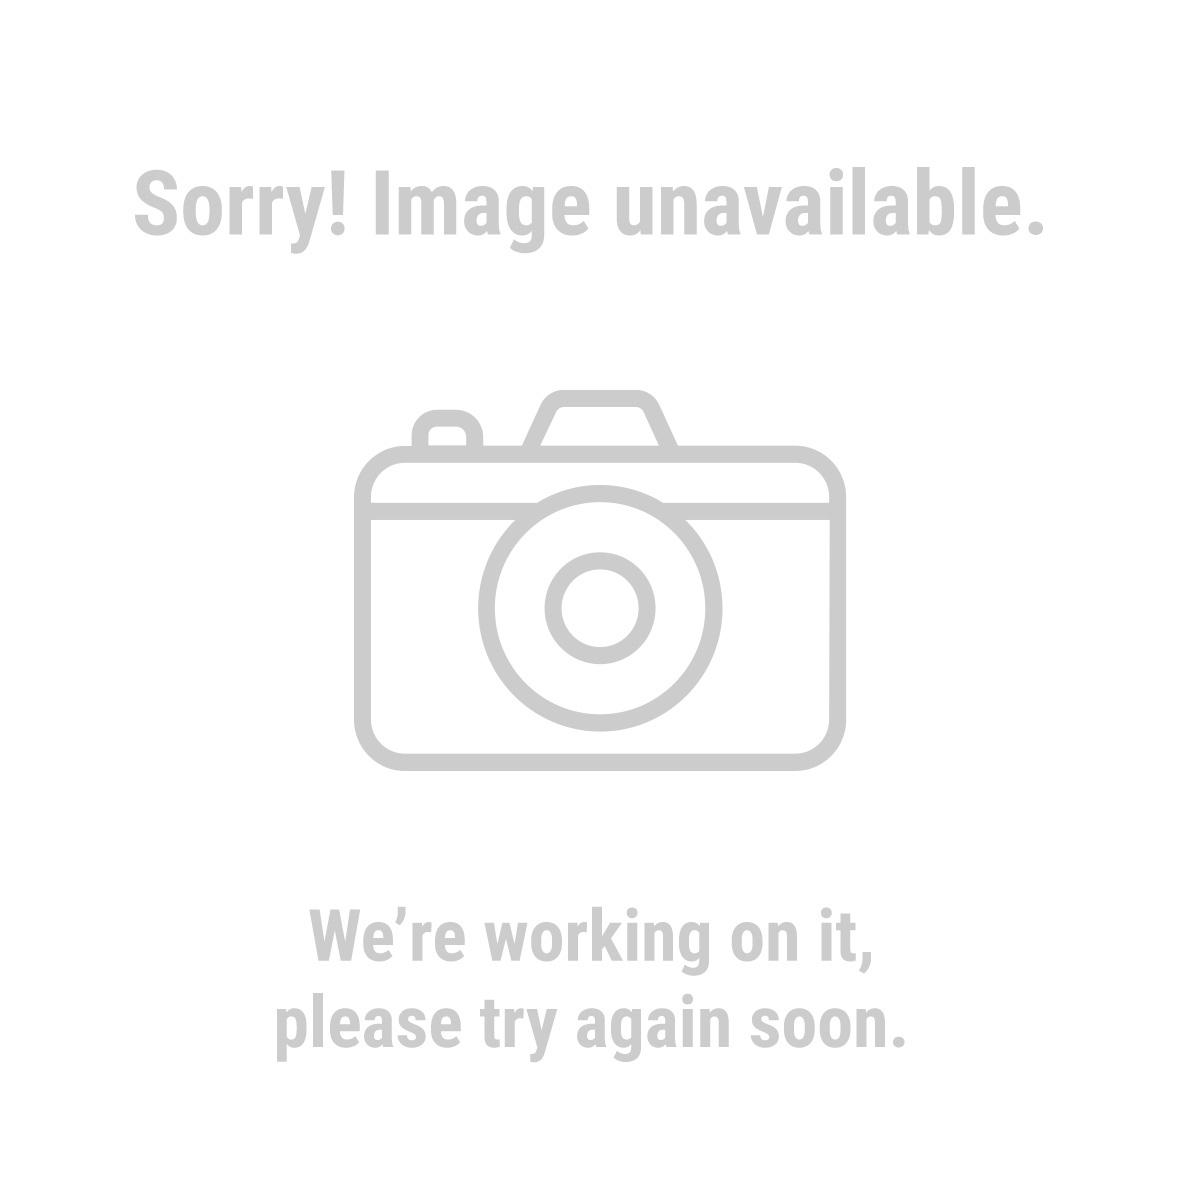 Haul-Master 90799 1000 Lb. Capacity Bi-Fold Aluminum Ramp